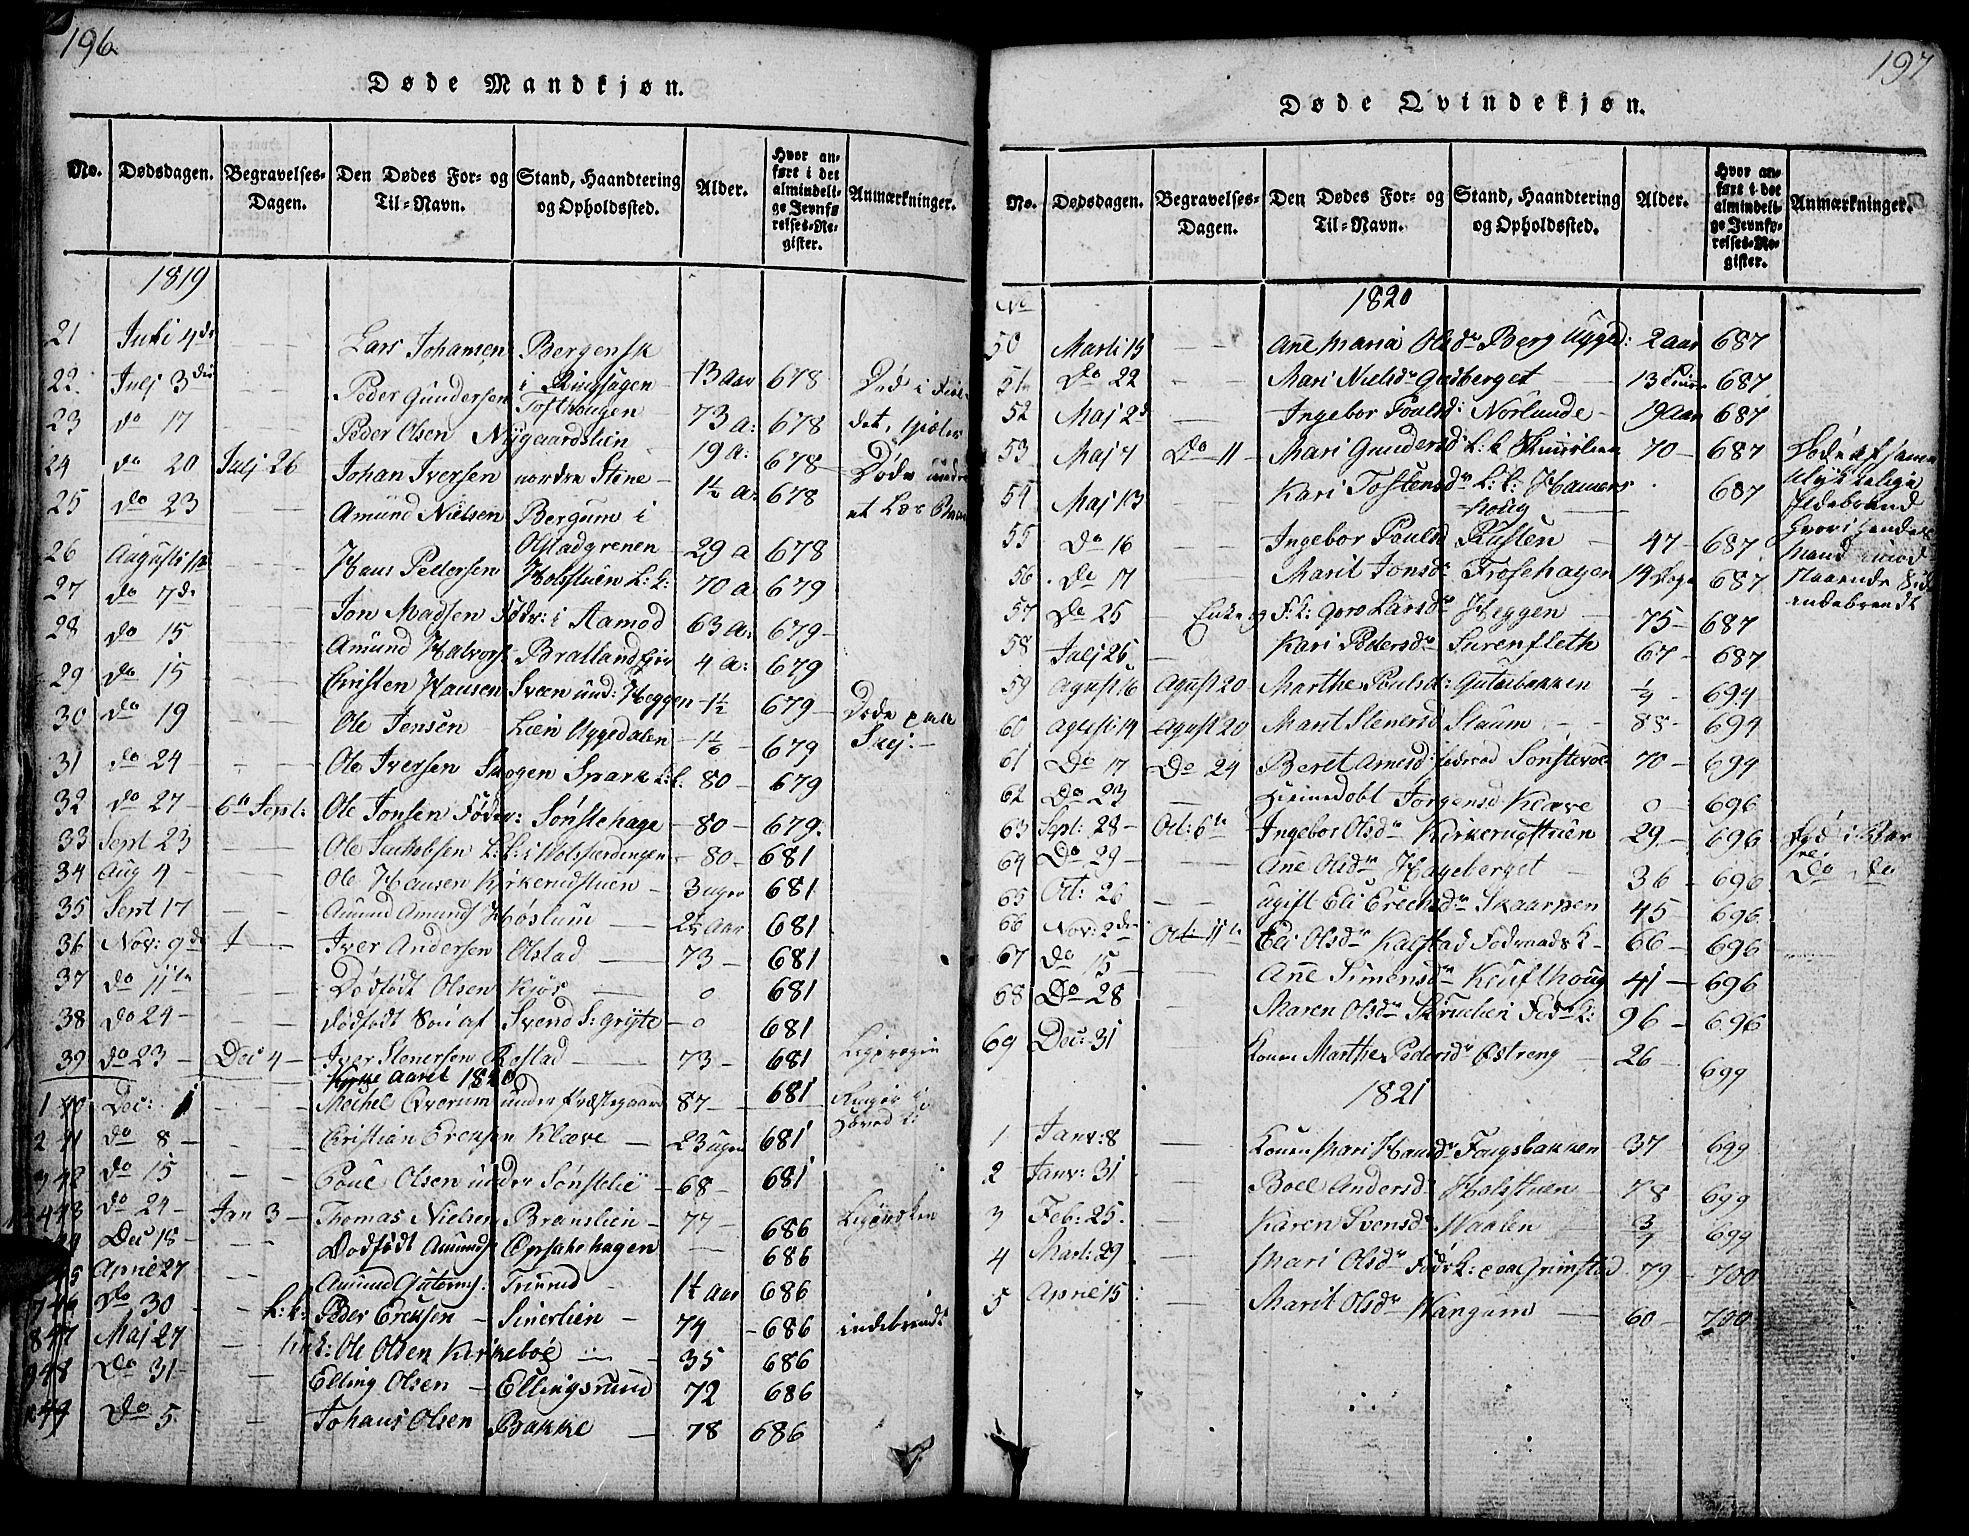 SAH, Gausdal prestekontor, Klokkerbok nr. 1, 1817-1848, s. 196-197